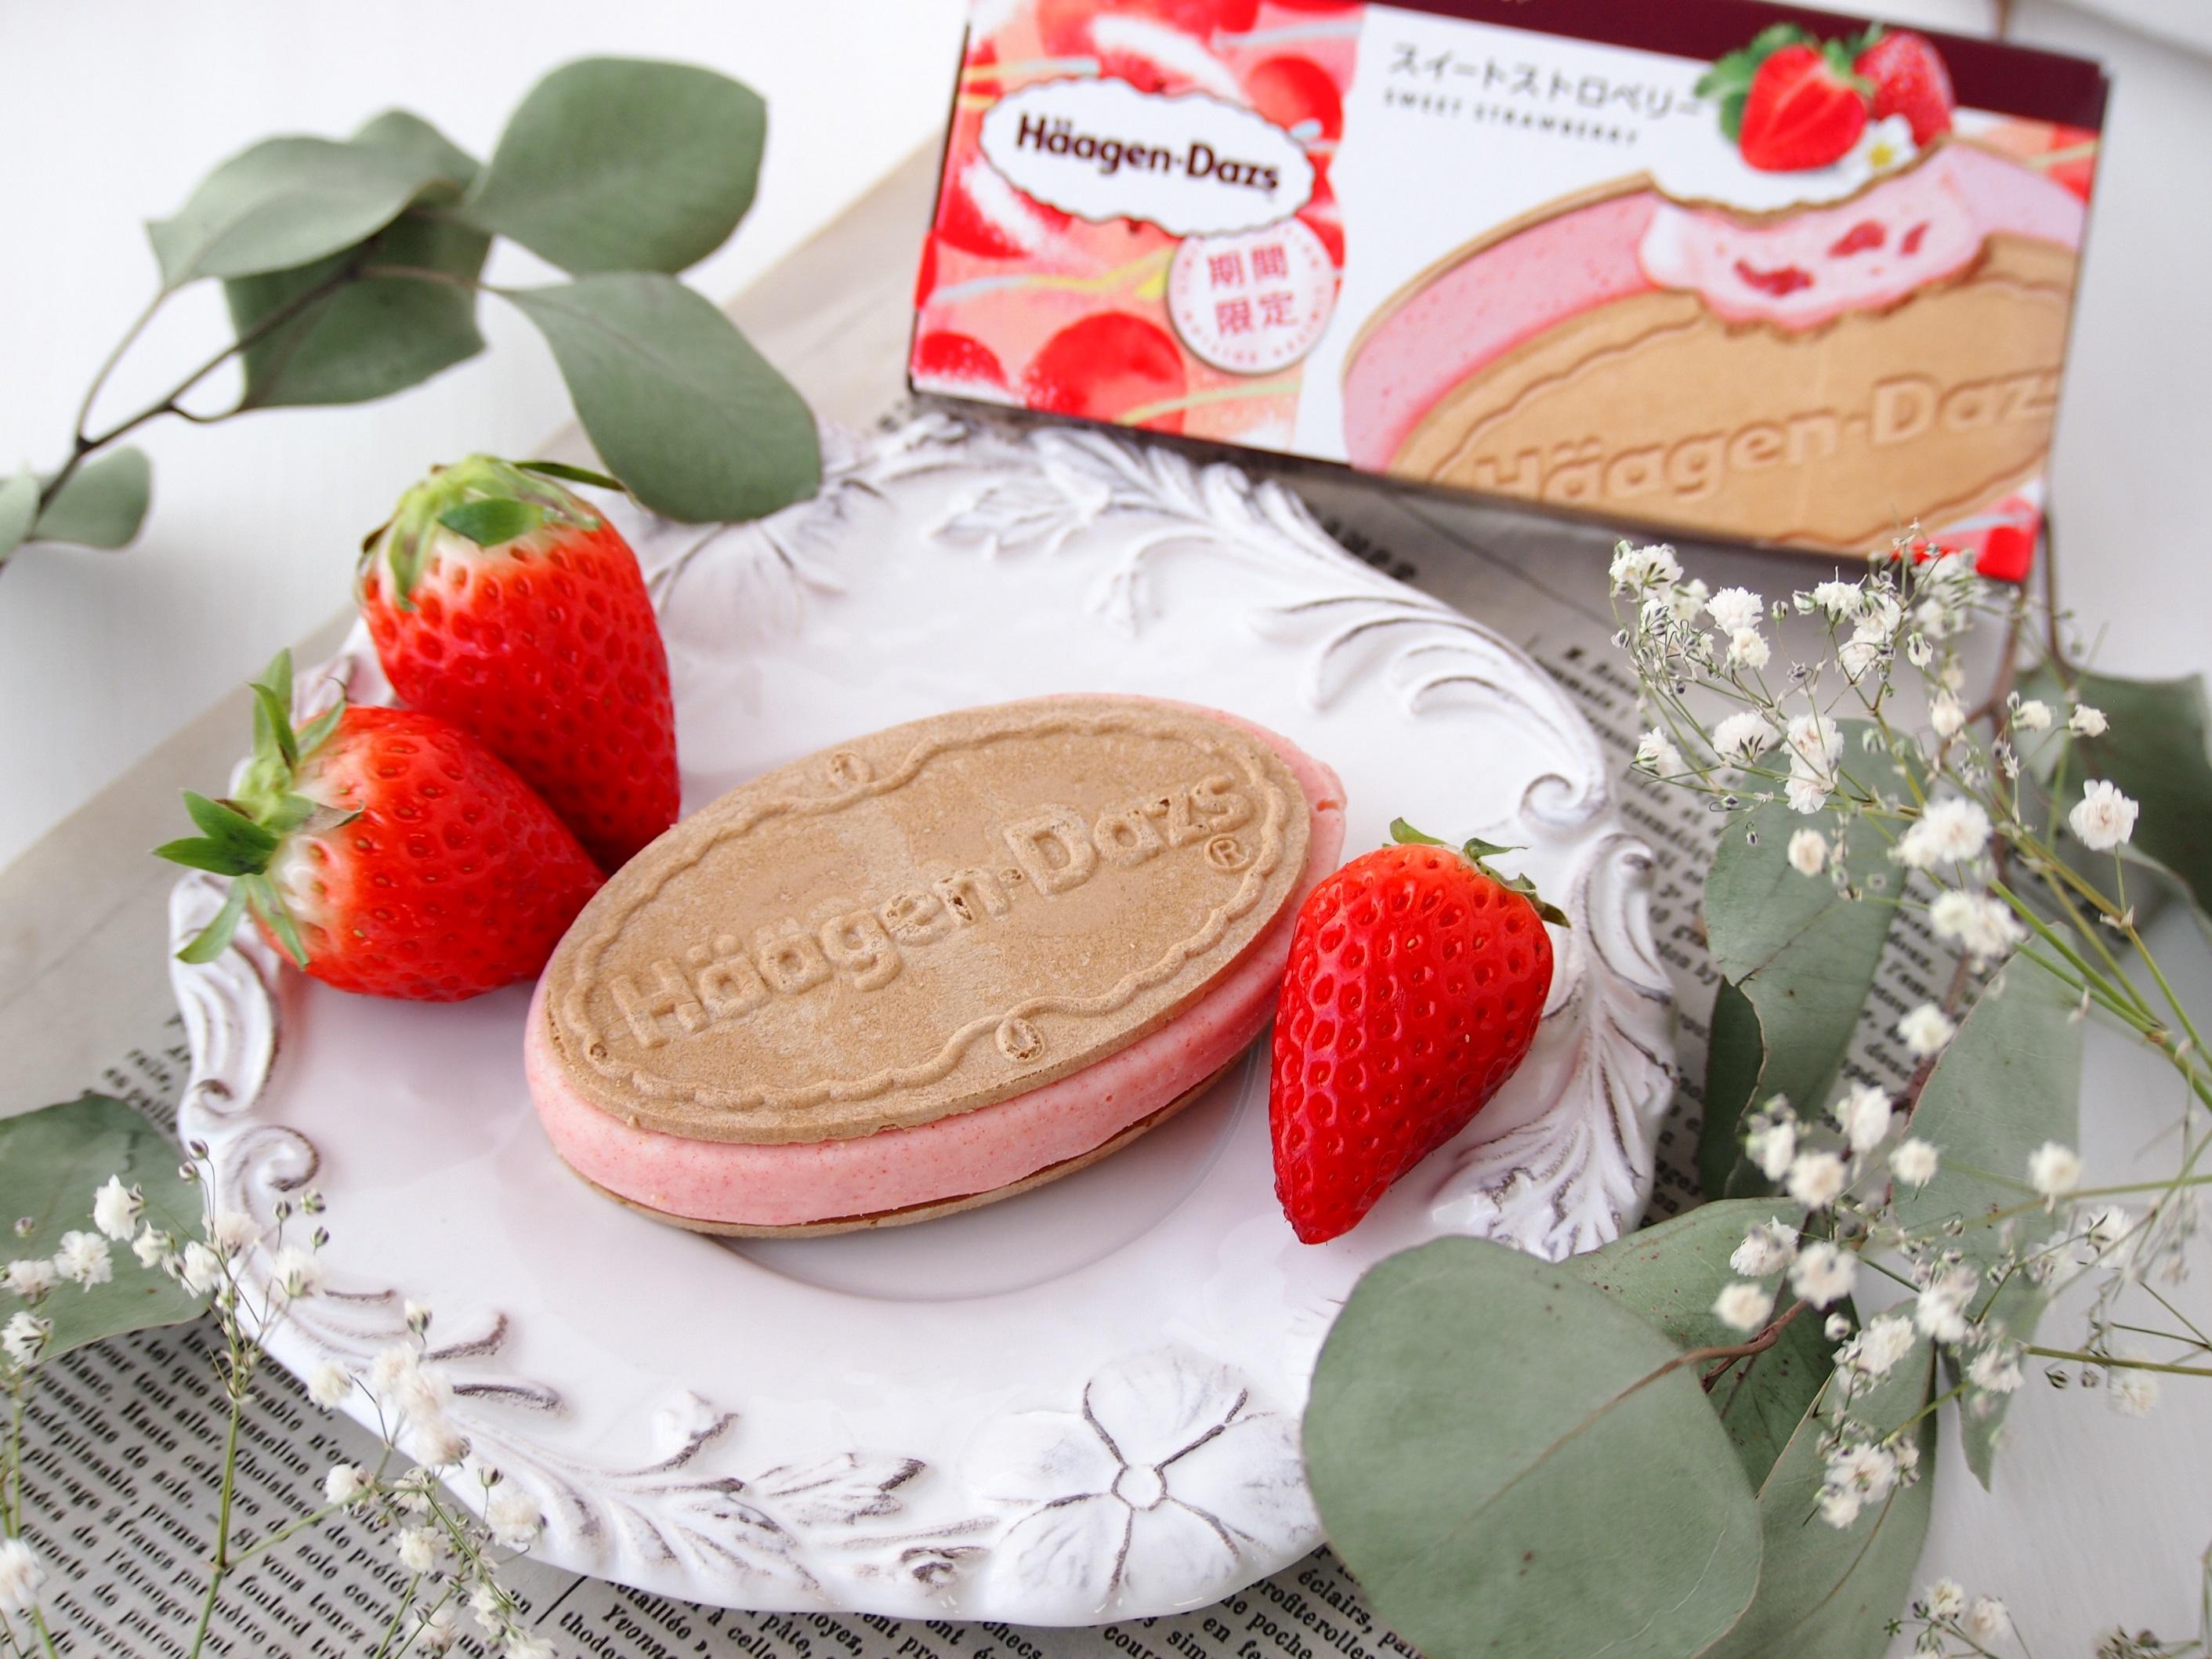 春にぴったり🌸ごろっと入ったストロベリー果肉の贅沢な食感を楽しめる クリスピーサンド『スイートストロベリー』期間限定発売🍓✨